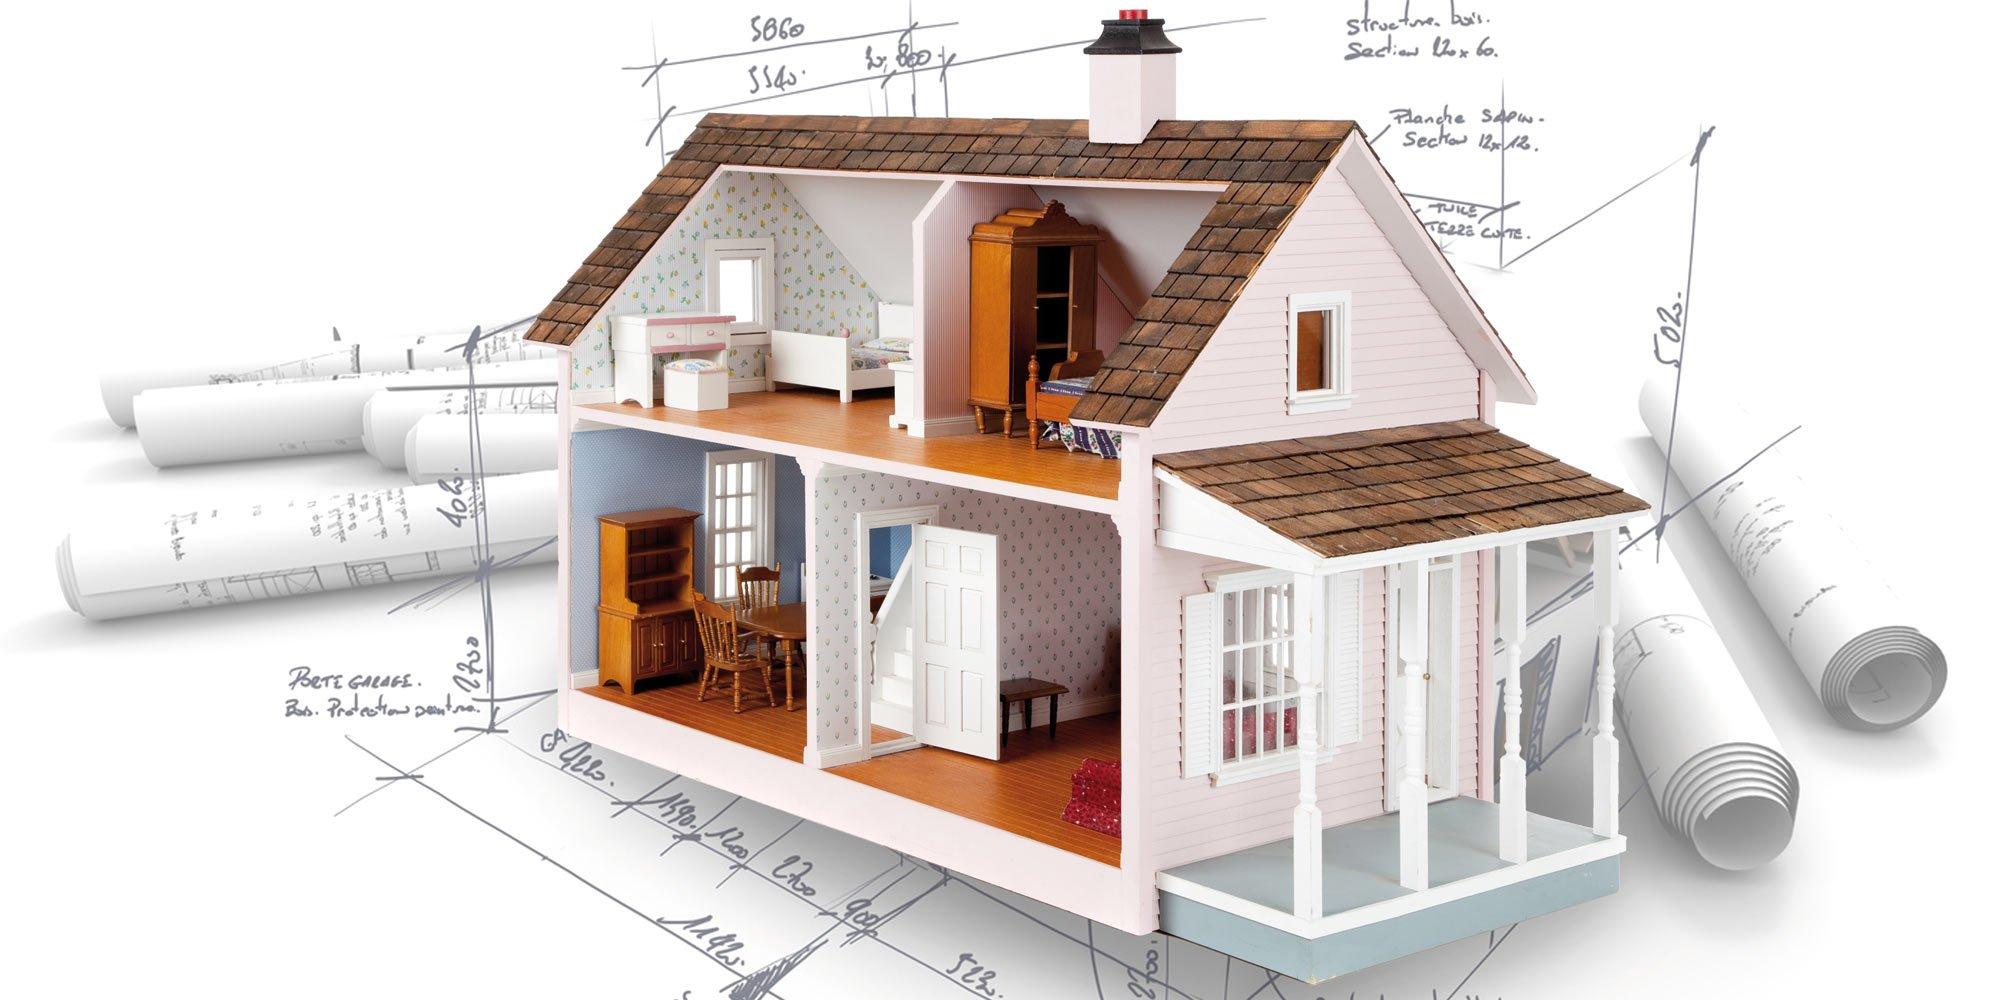 Piano casa 2017 ampliamenti e ricostruzioni costantini for Disegni di casa piano aperto